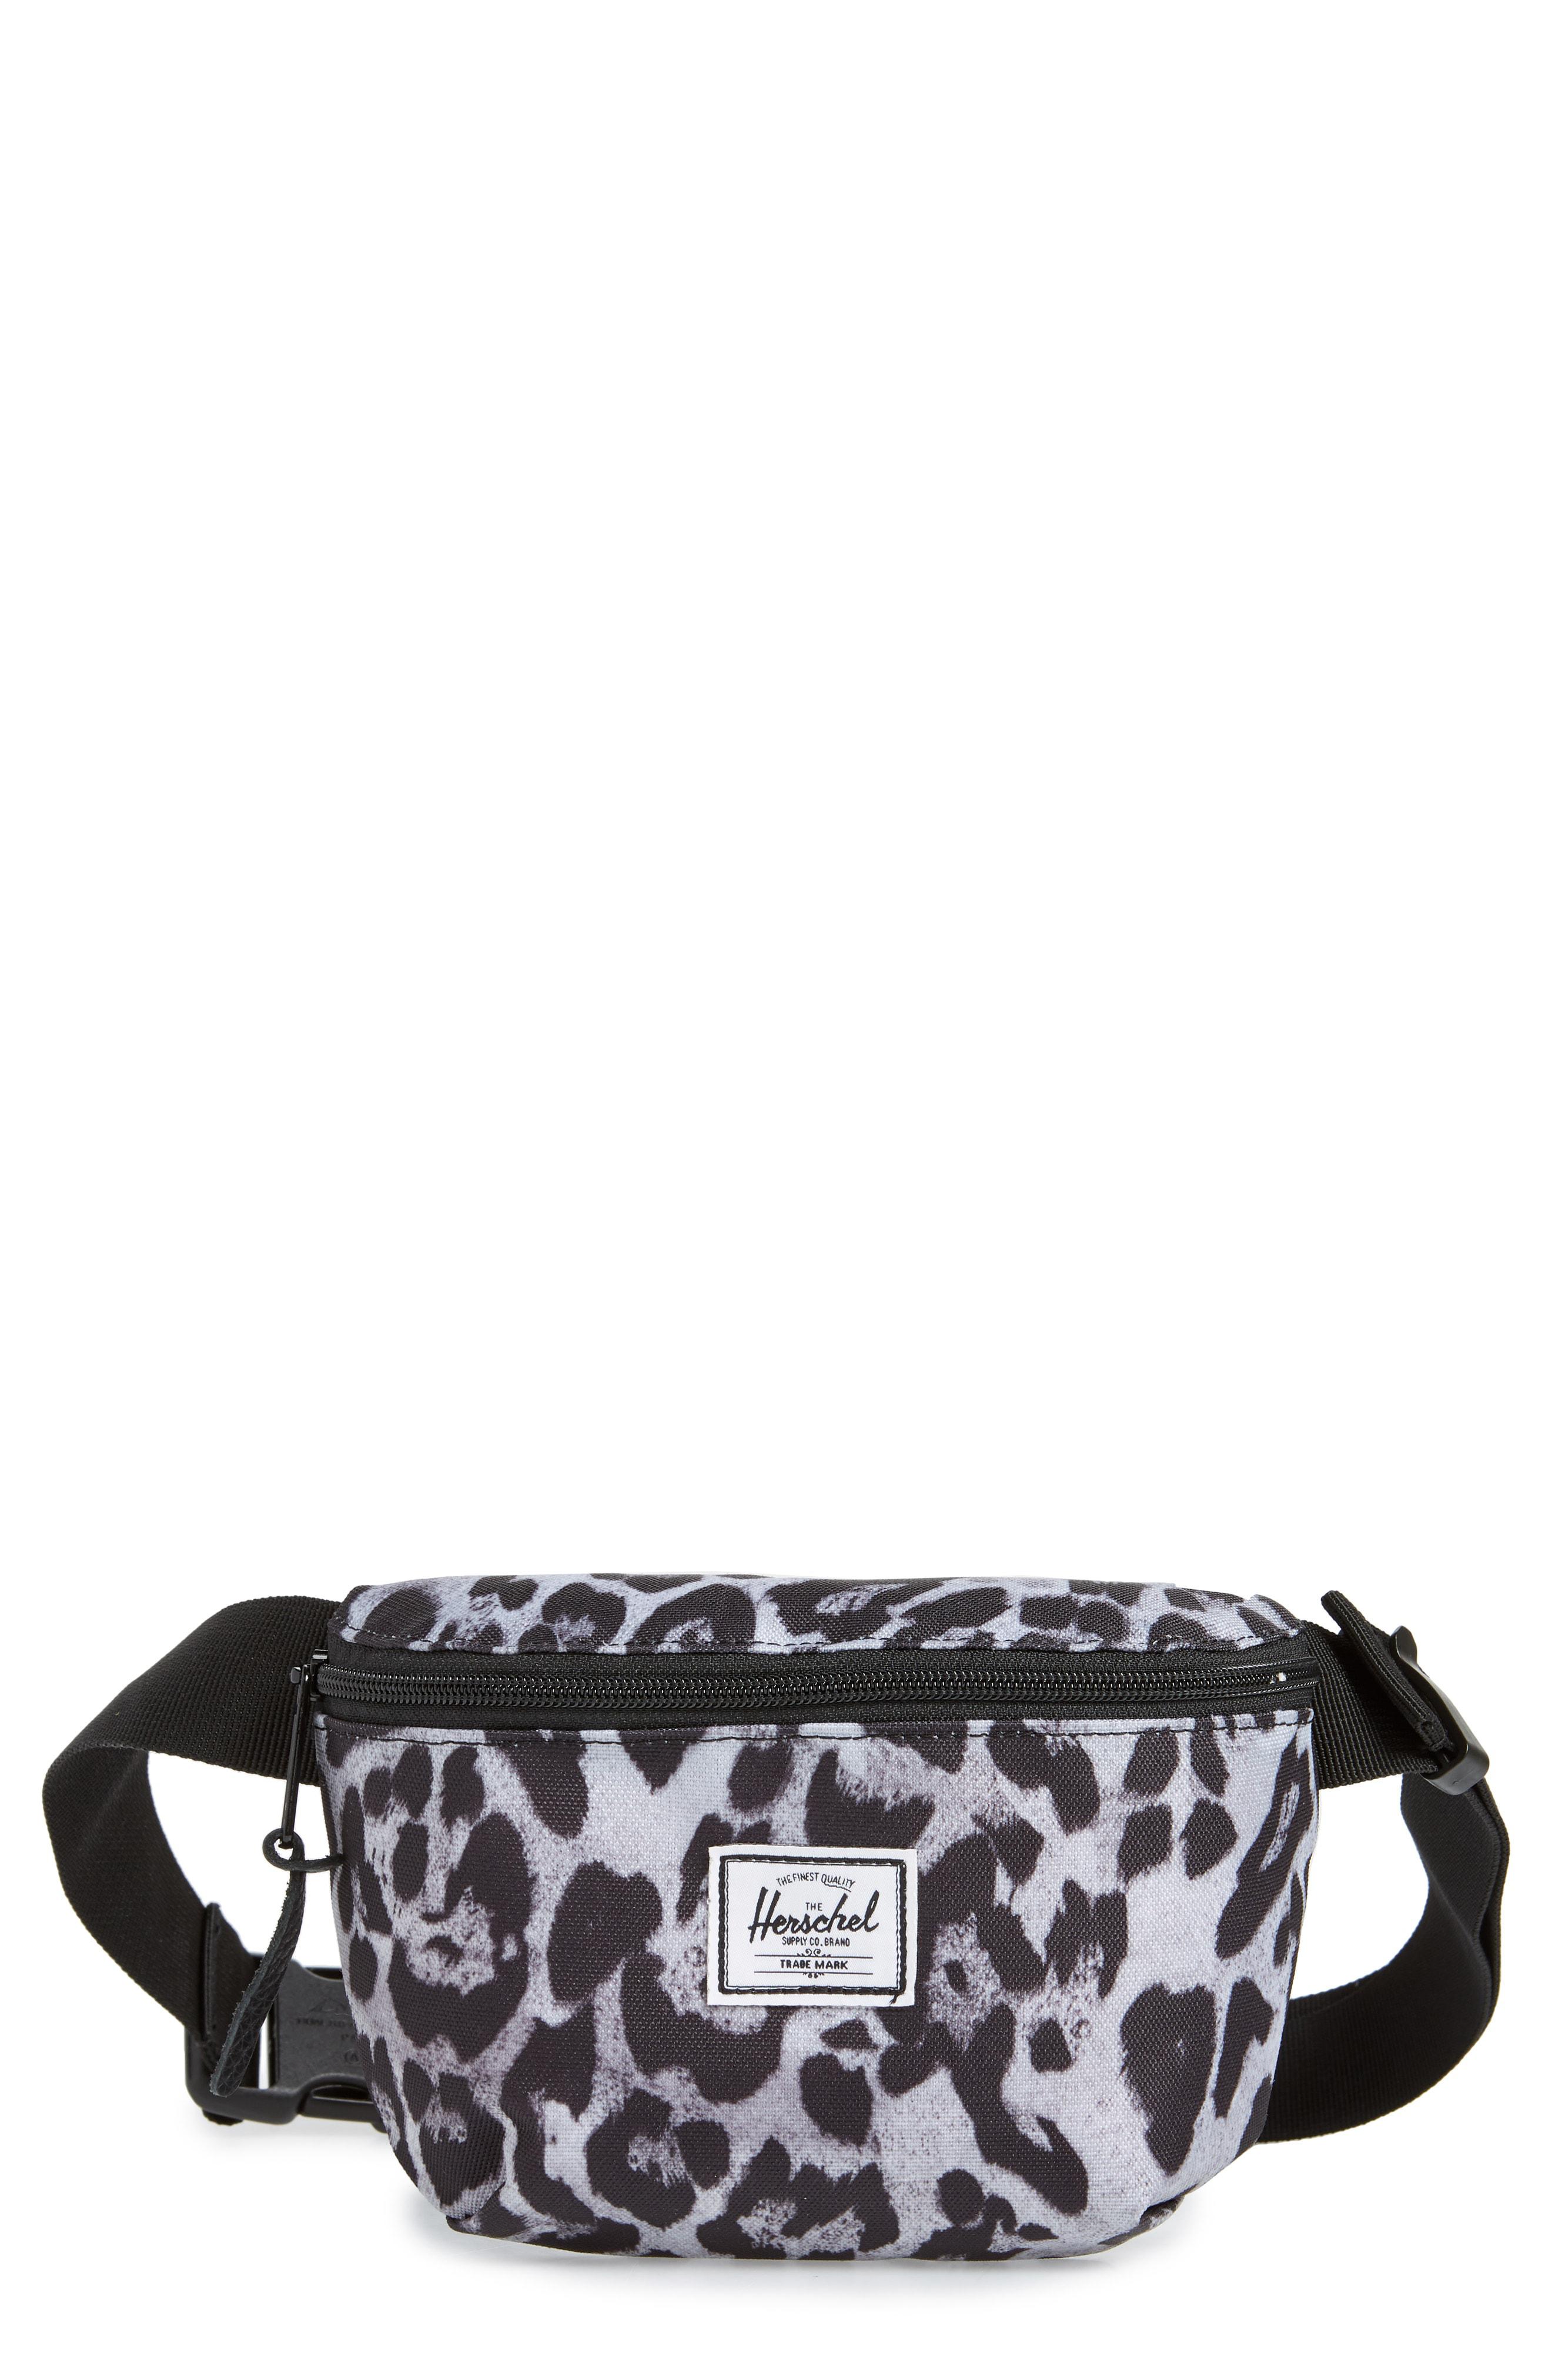 0d965dccd4a9 Herschel Supply Co. Herschel Fourteen Snow Leopard Belt Bag | ModeSens